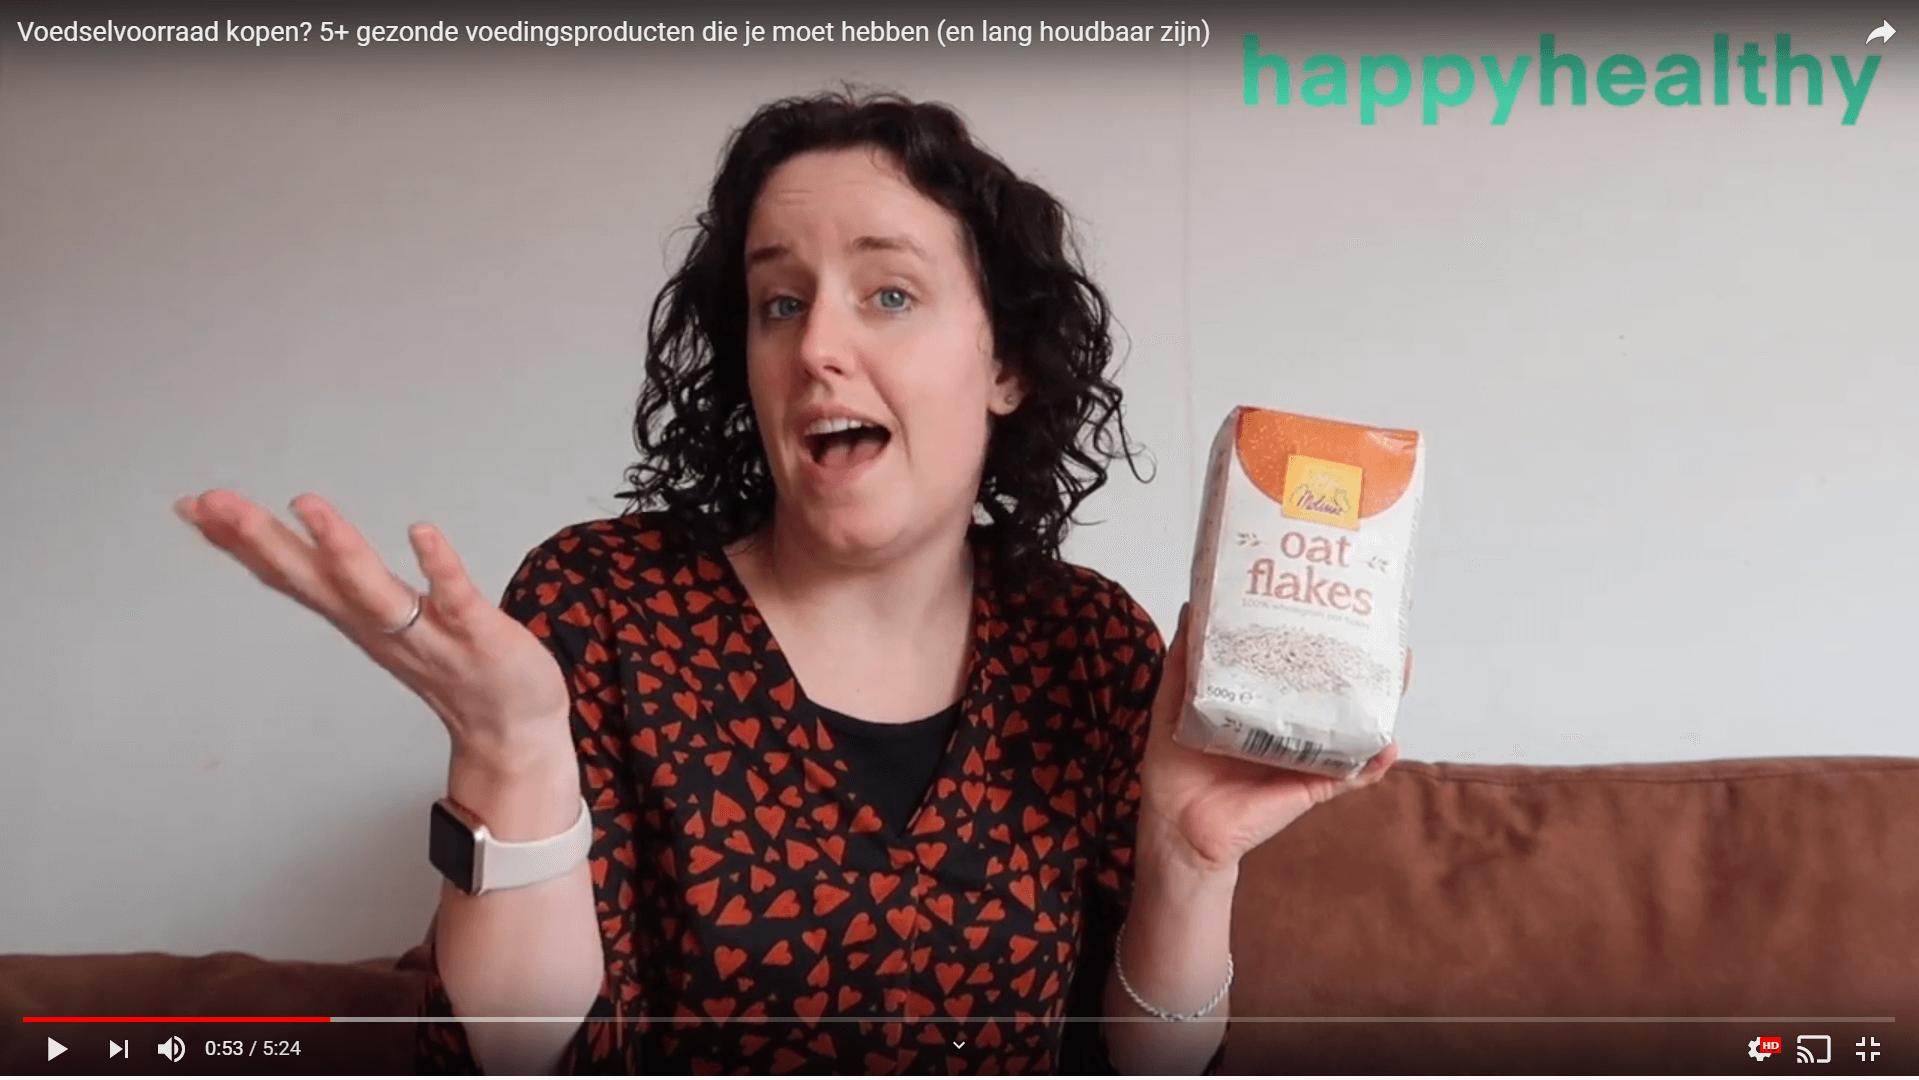 Video: Voedselvoorraad kopen? 5+ gezonde voedingsproducten die je moet hebben (en lang houdbaar zijn)